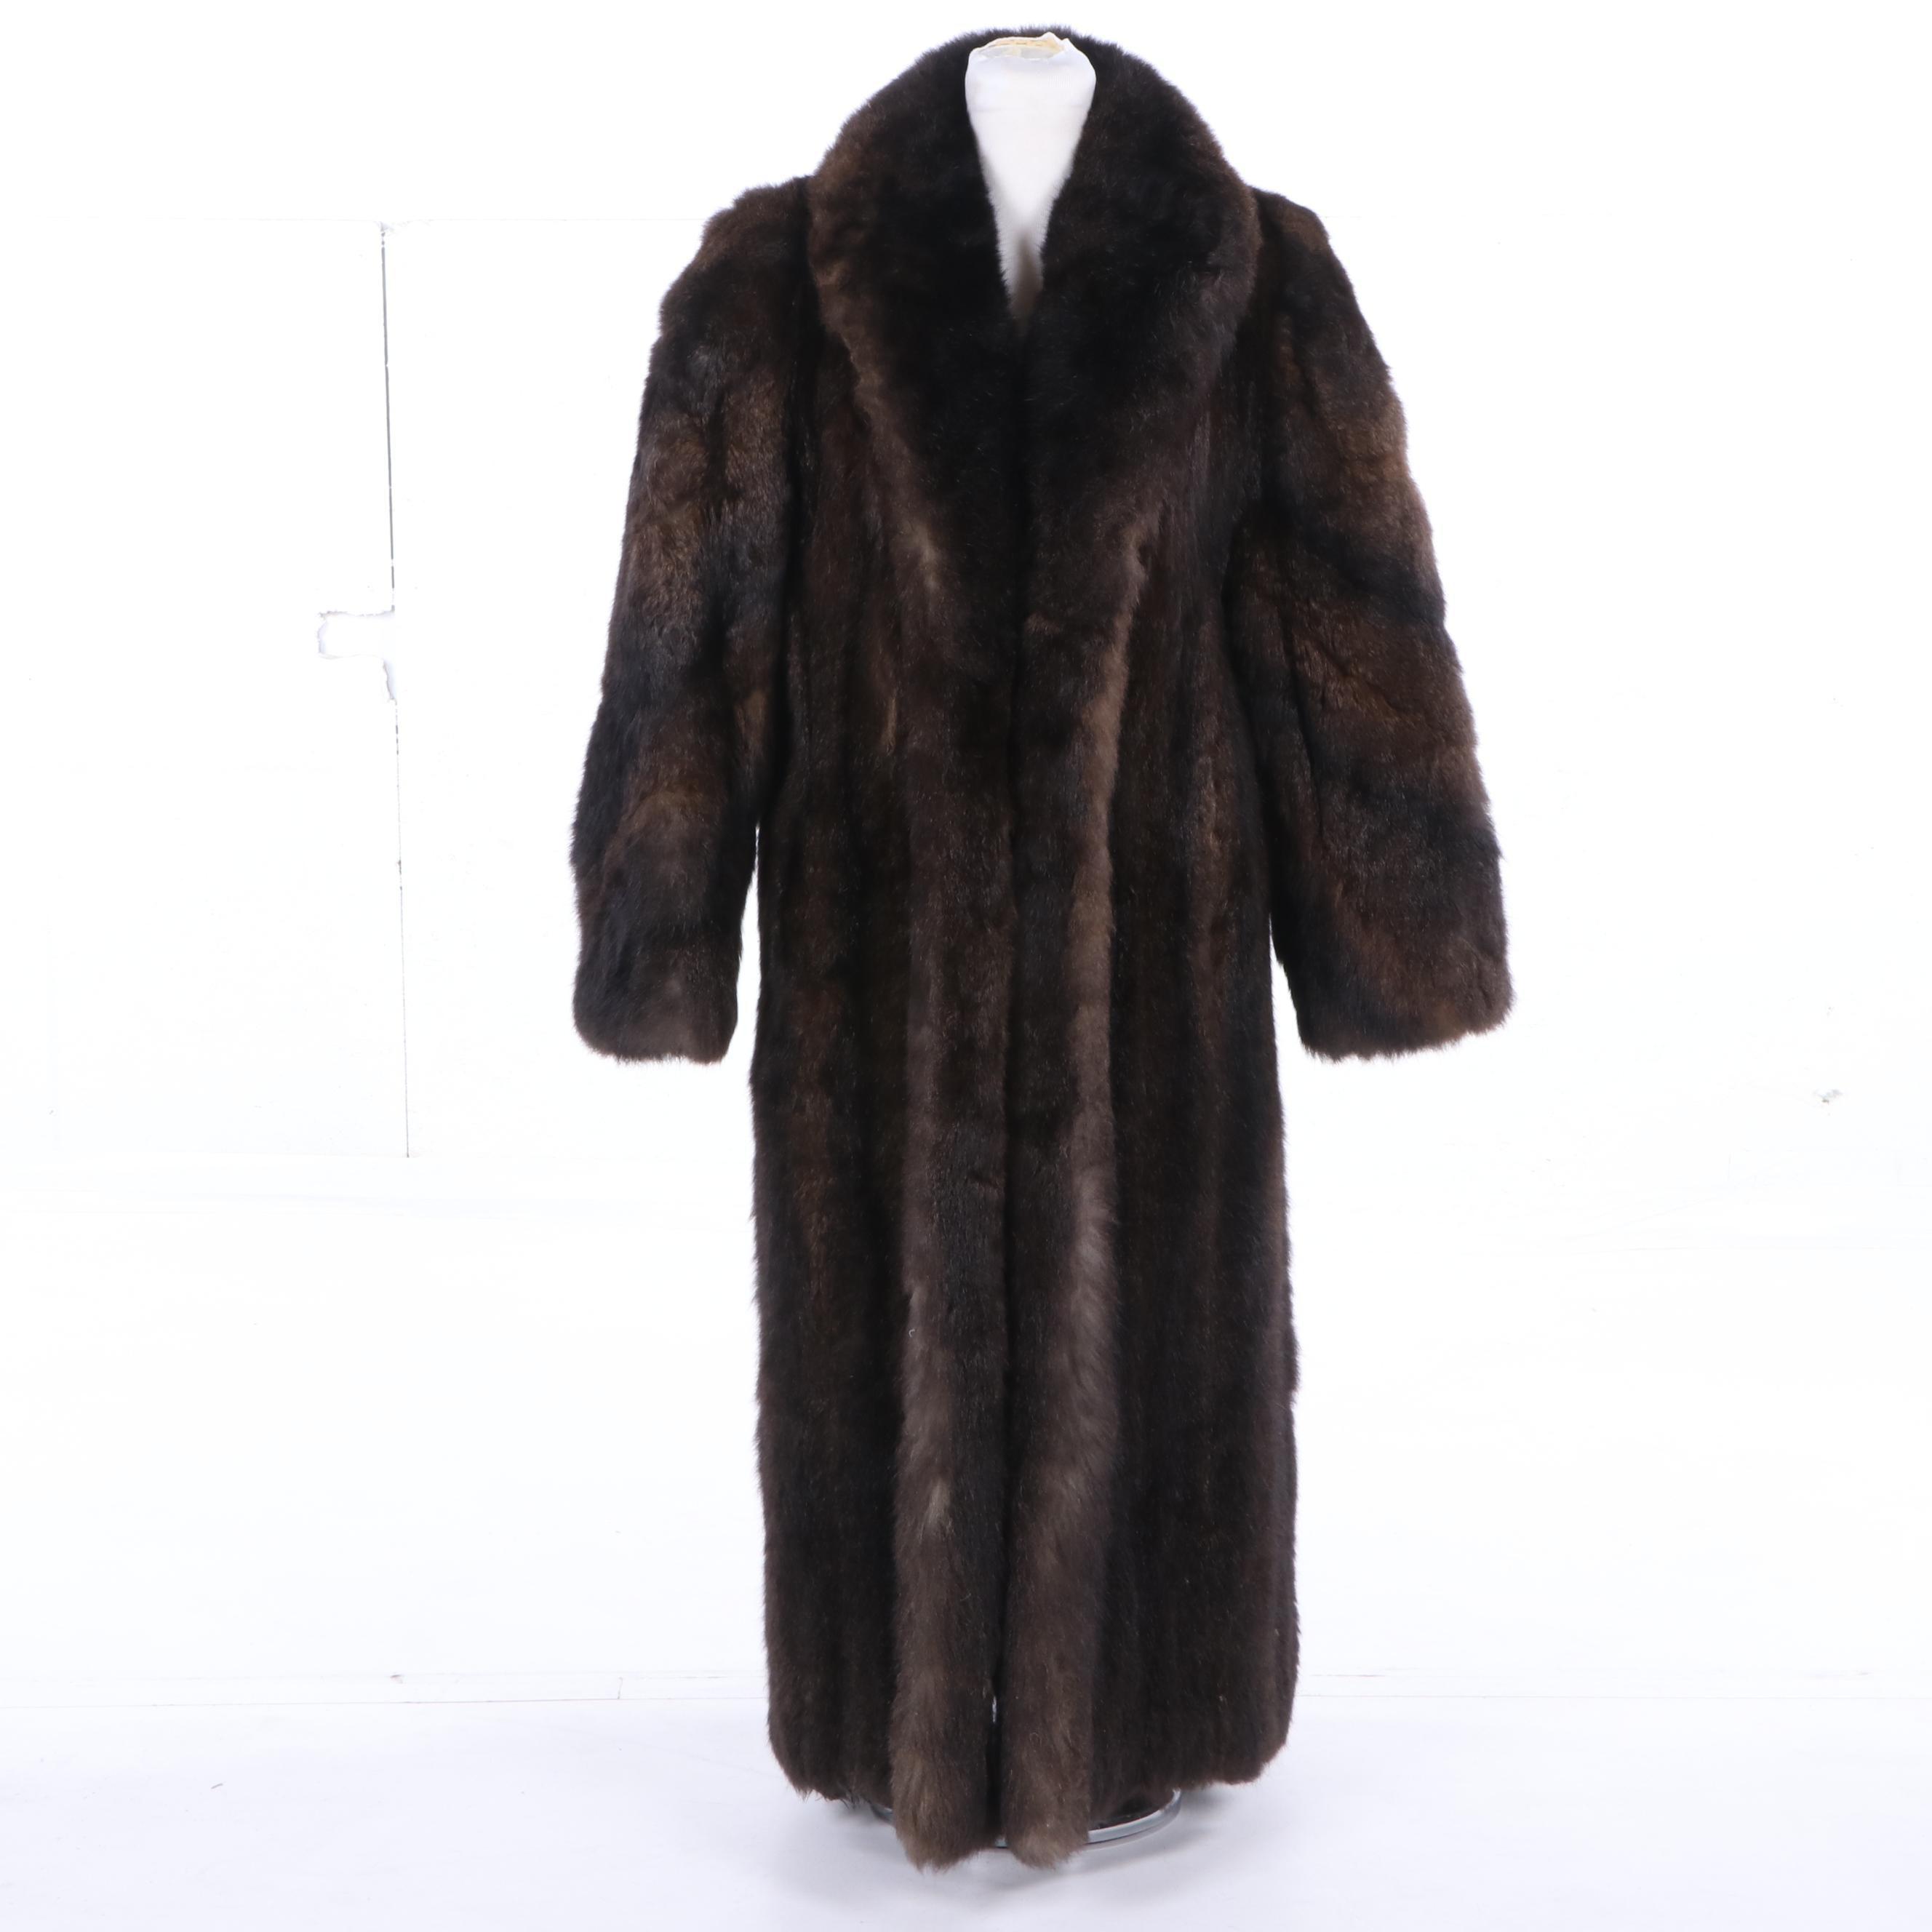 Women's Full-Length Opposum Fur Coat